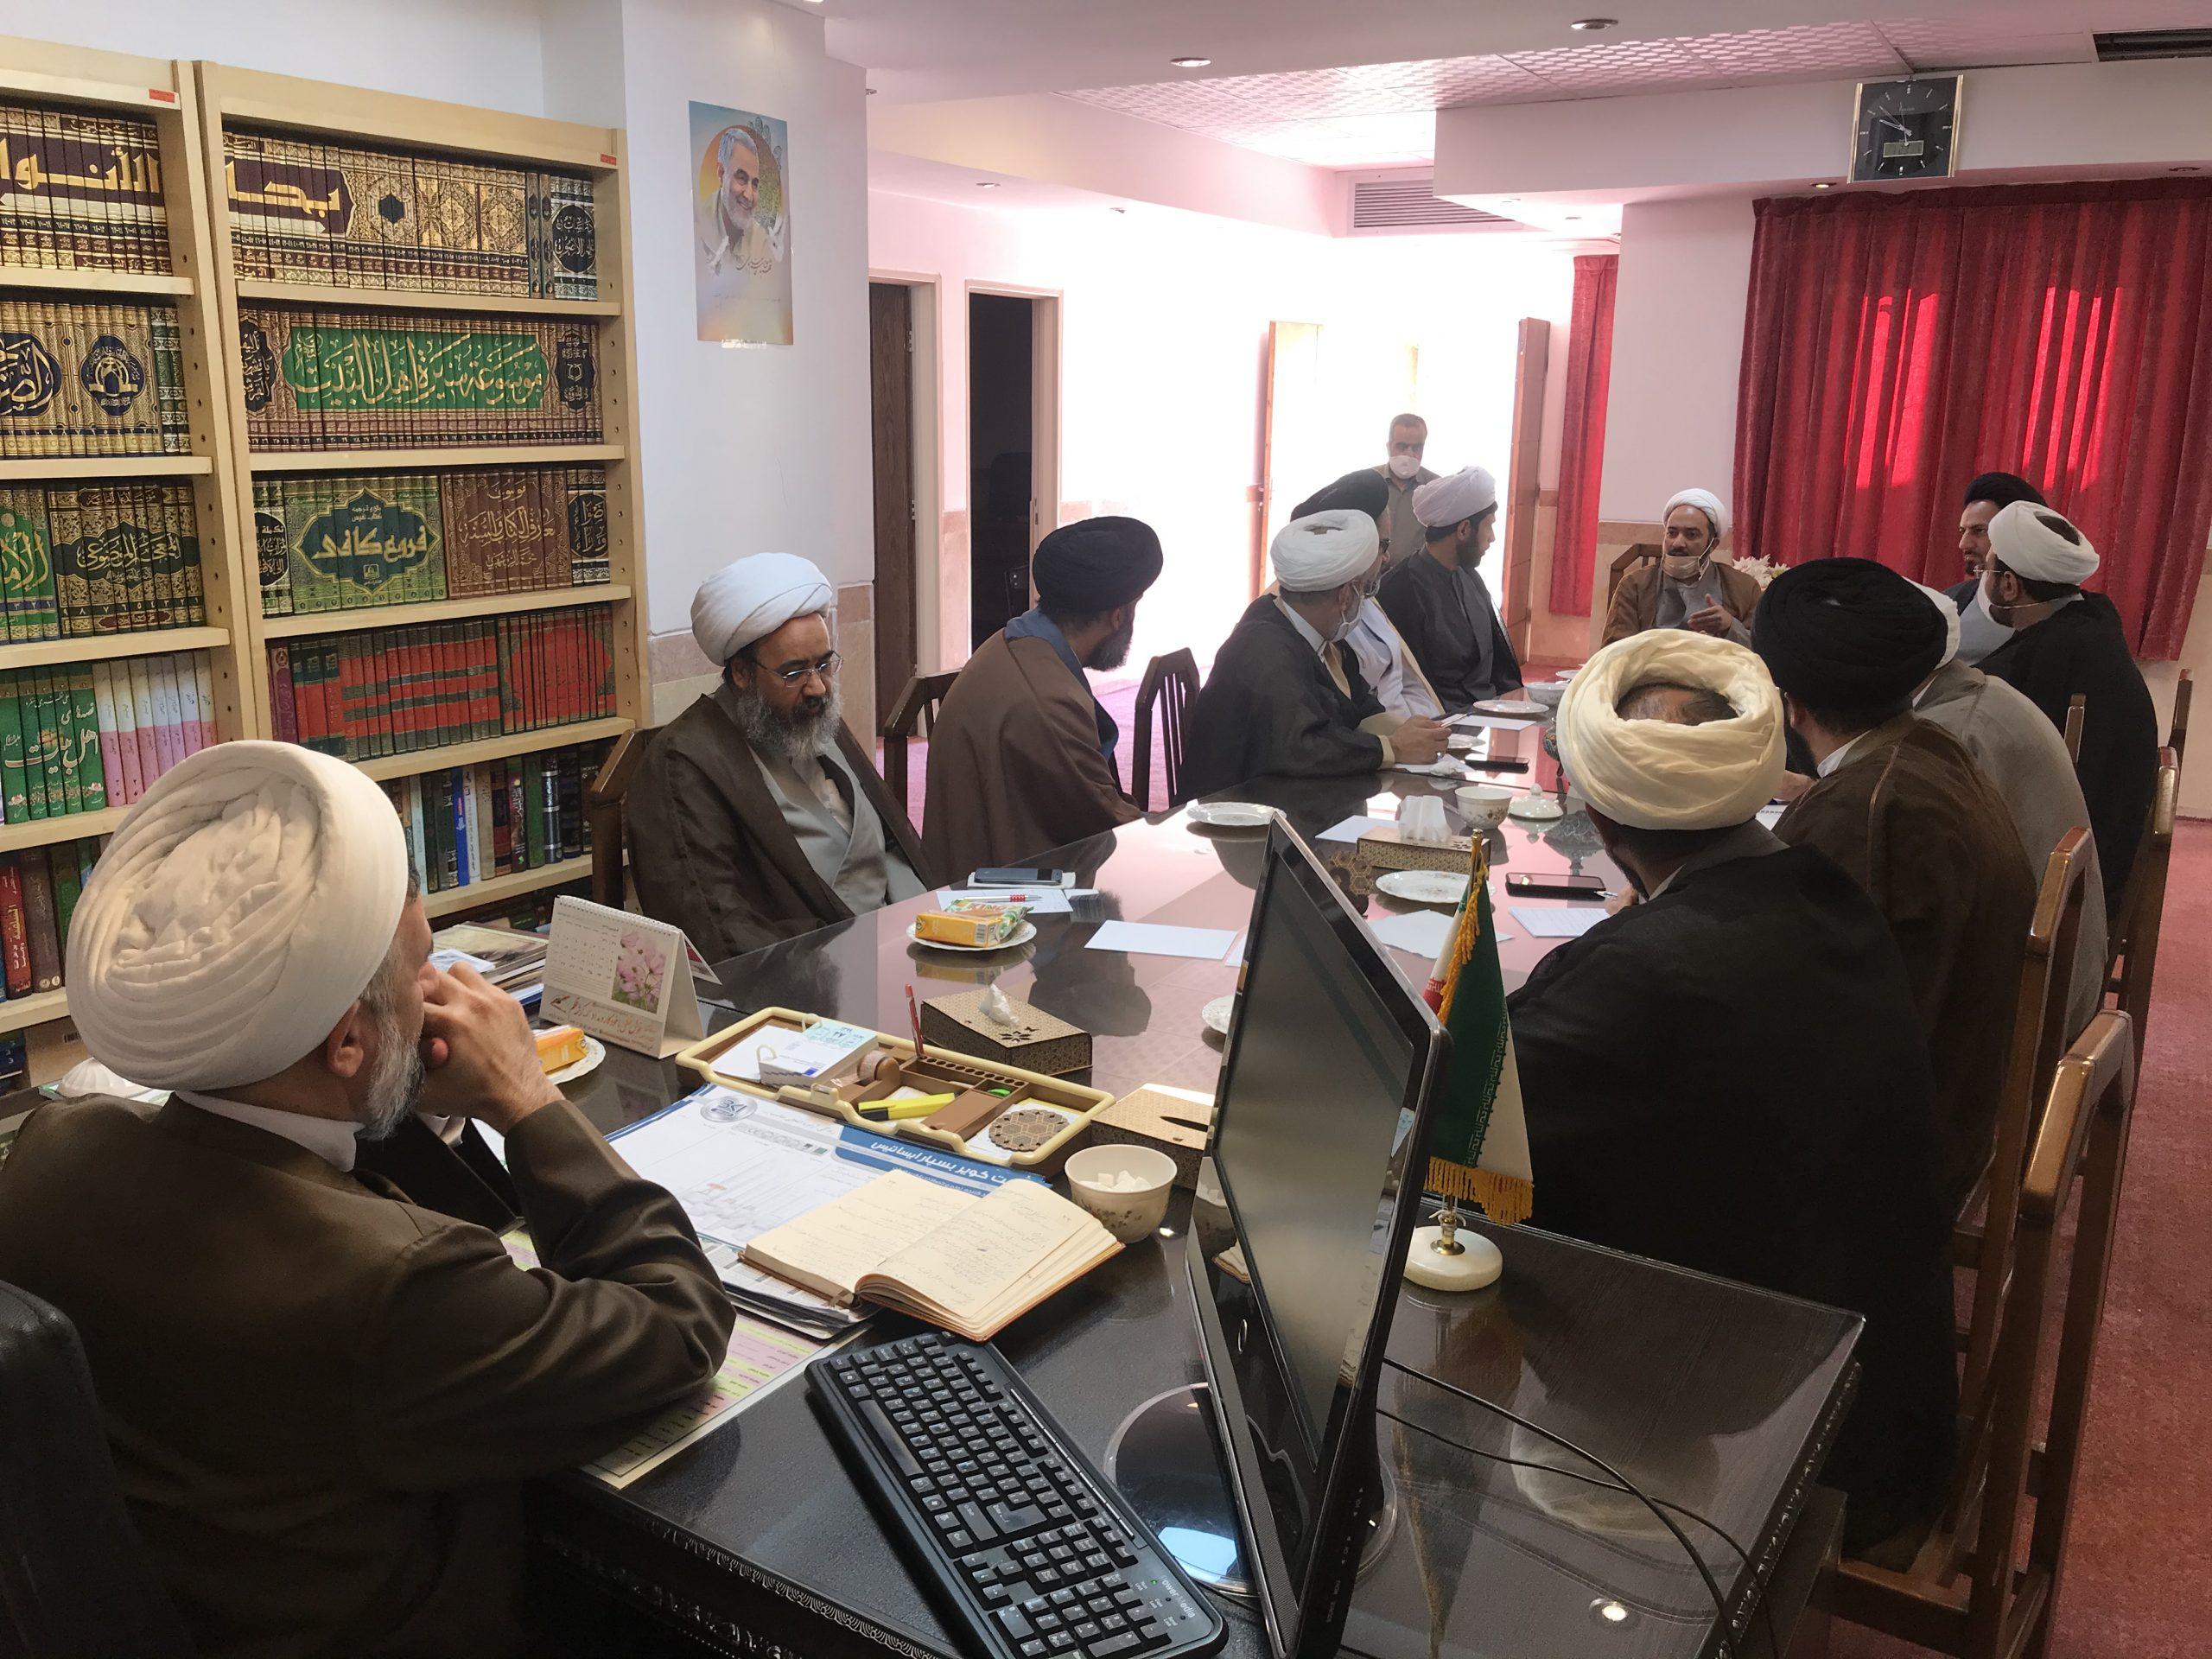 نخستین جلسه مدیران مدارس علمیه استان یزد در سال ۹۹ در مدیریت استان برگزار شد.